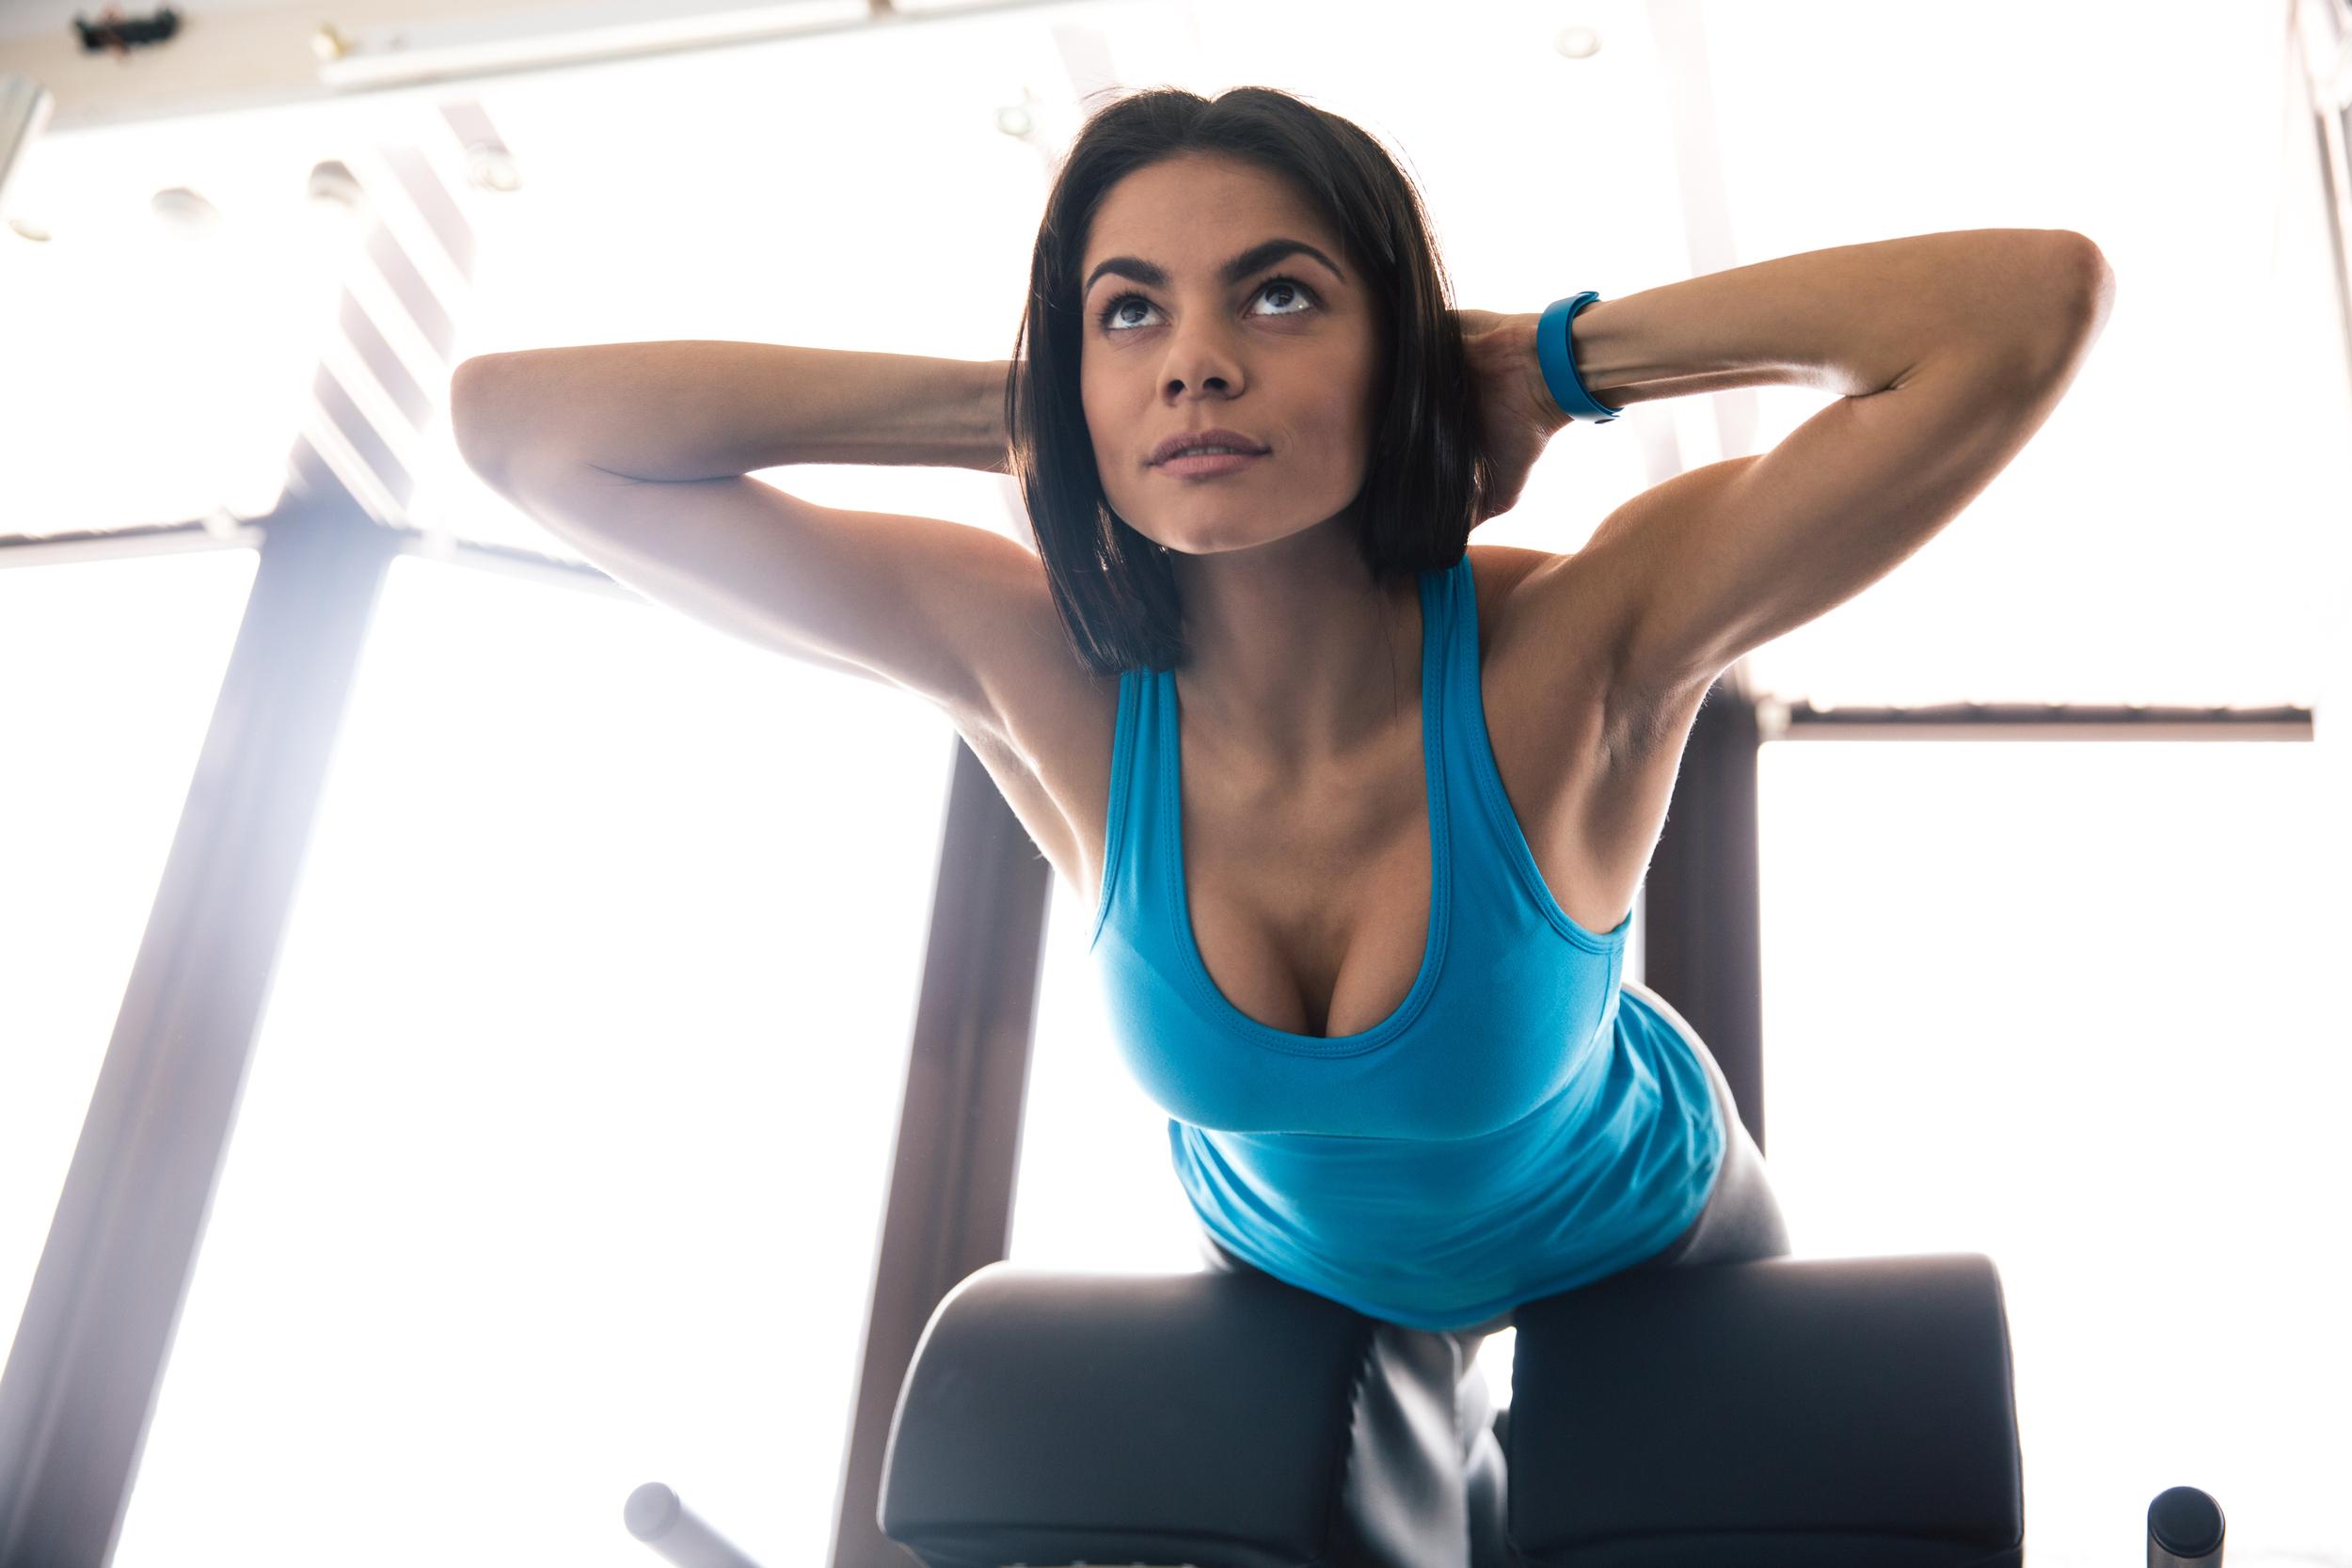 バストアップしたいなら筋トレが必須!大胸筋を鍛えて胸が垂れるのを防ごう